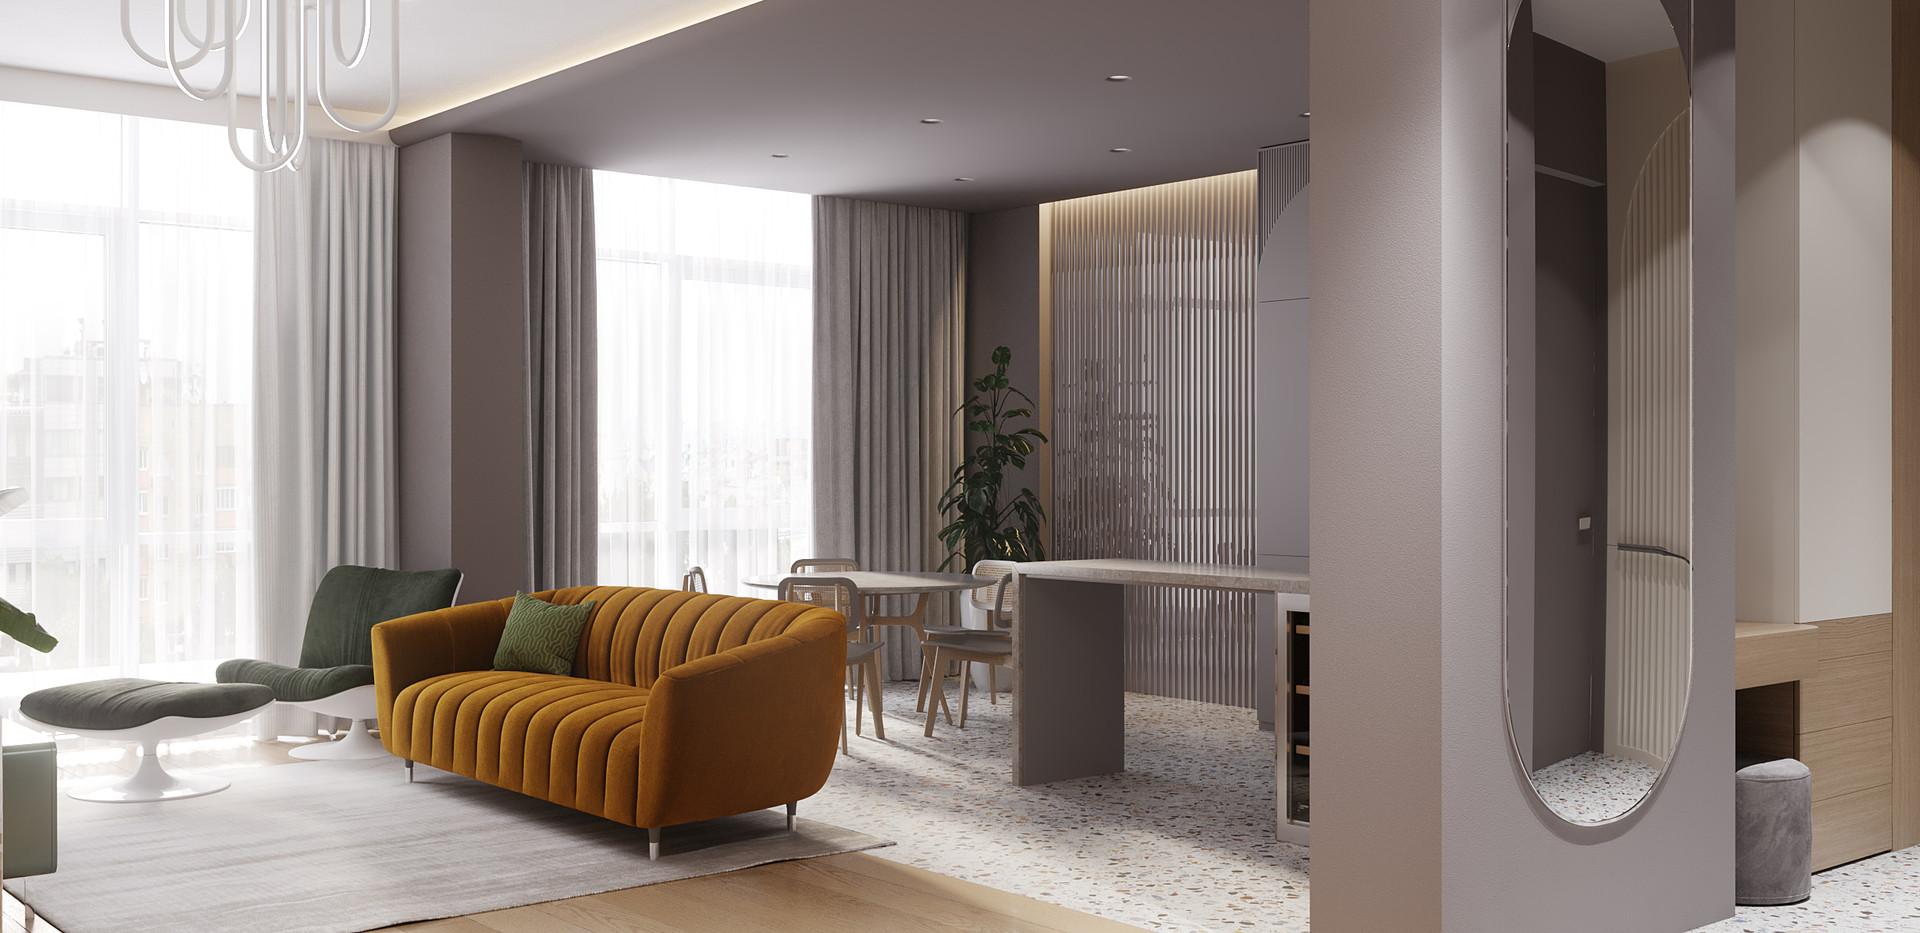 LivingroomKitchenHall_white_terrazzo_c3.